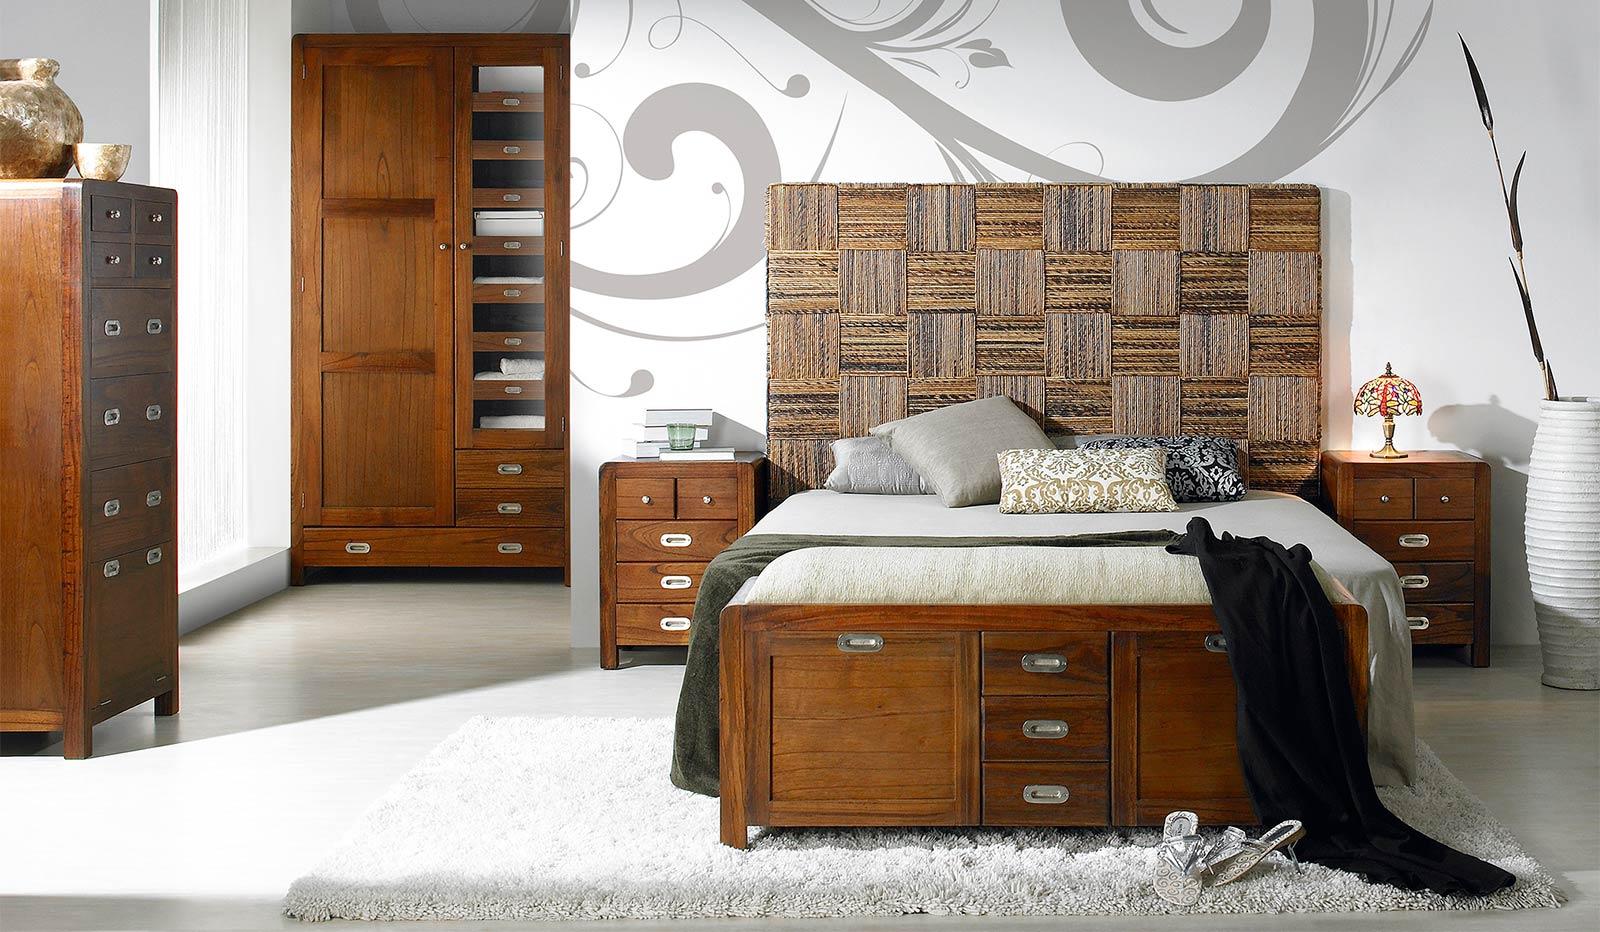 Collection Rattan - Tête de lit en corde tressée, motif géometrique